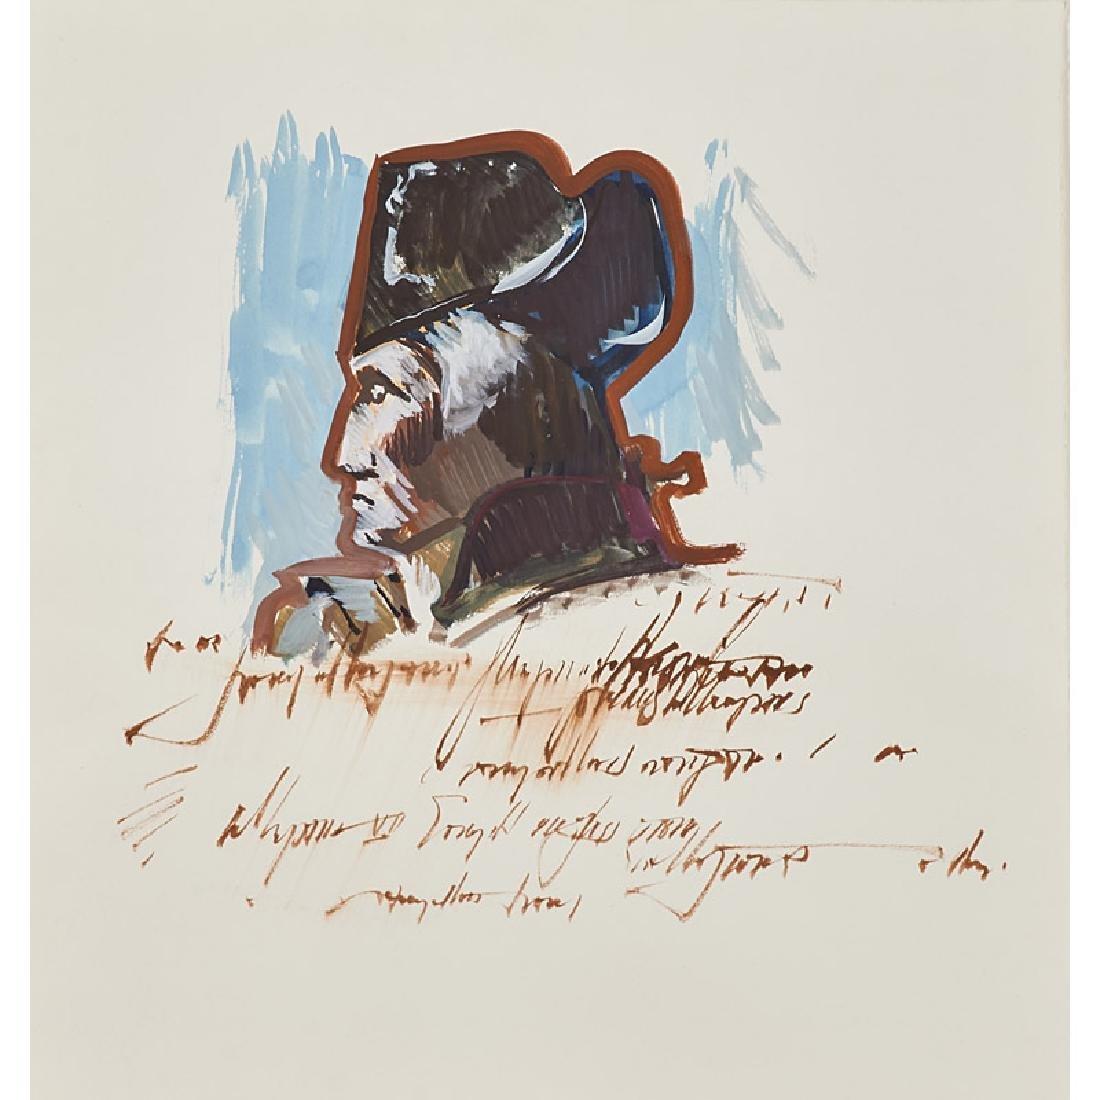 George Deem (American, 1932-2008)